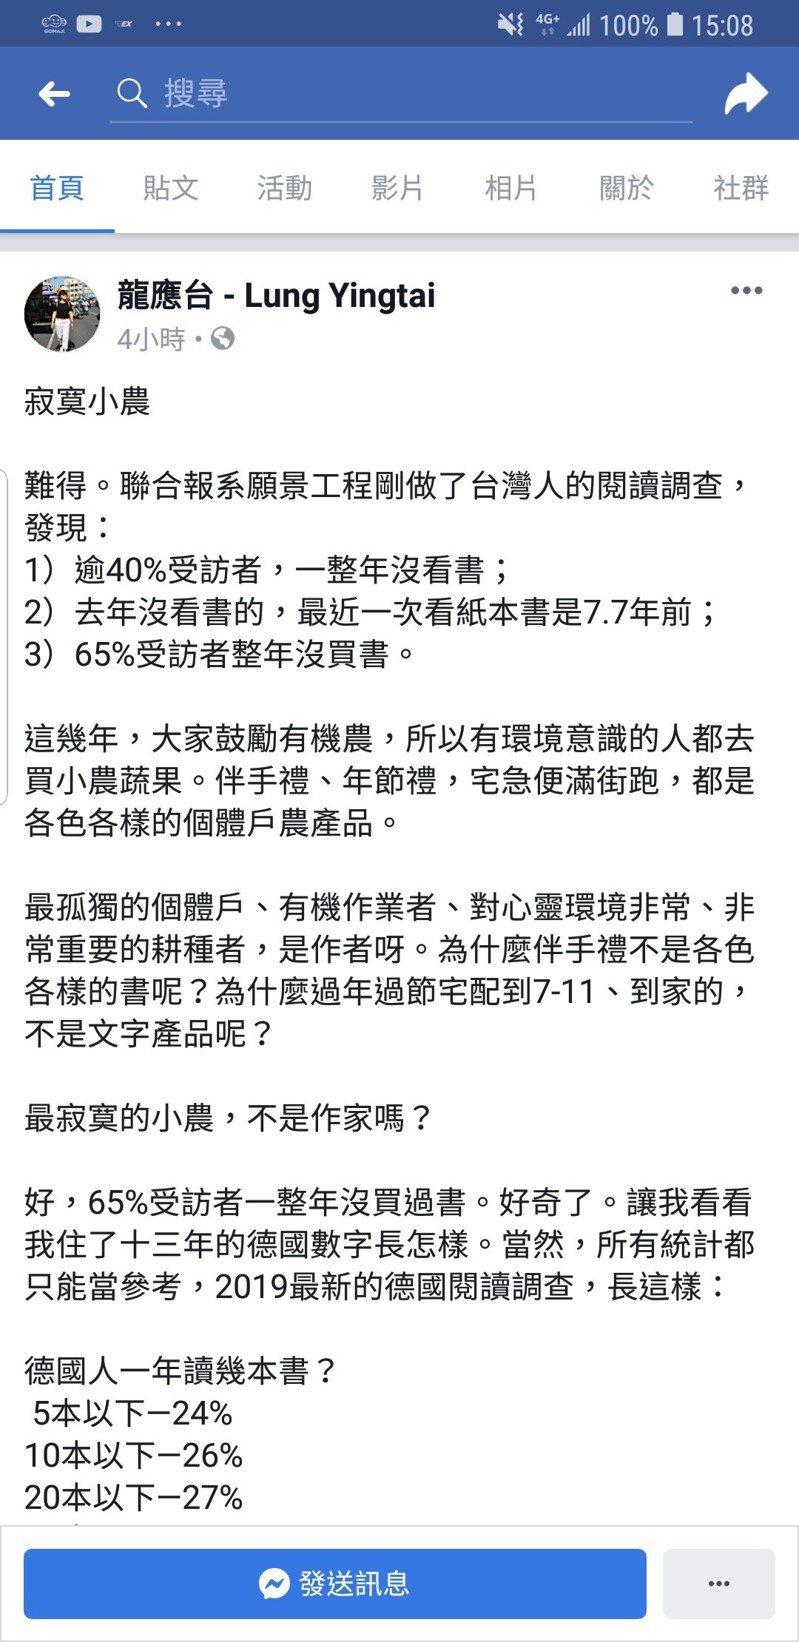 作家龍應台今天在臉書分享聯合報系願景工程「尋找台灣閱讀力」系列報導。圖片取自龍應台臉書